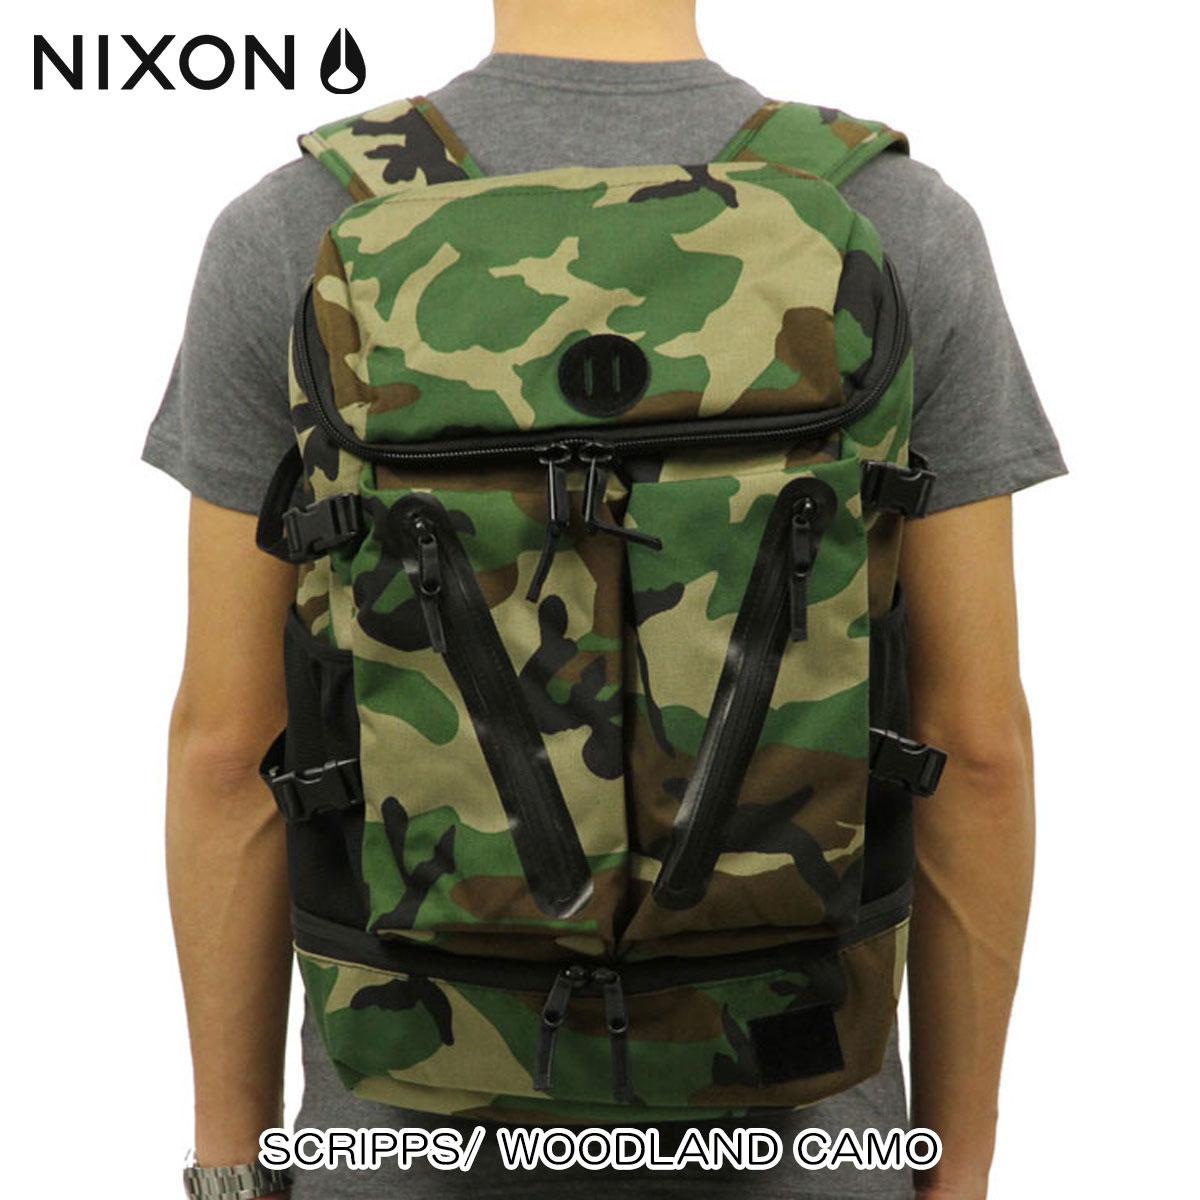 ニクソン NIXON 正規販売店 バッグ SCRIPPS/ WOODLAND CAMO NC26051253-00 D00S20